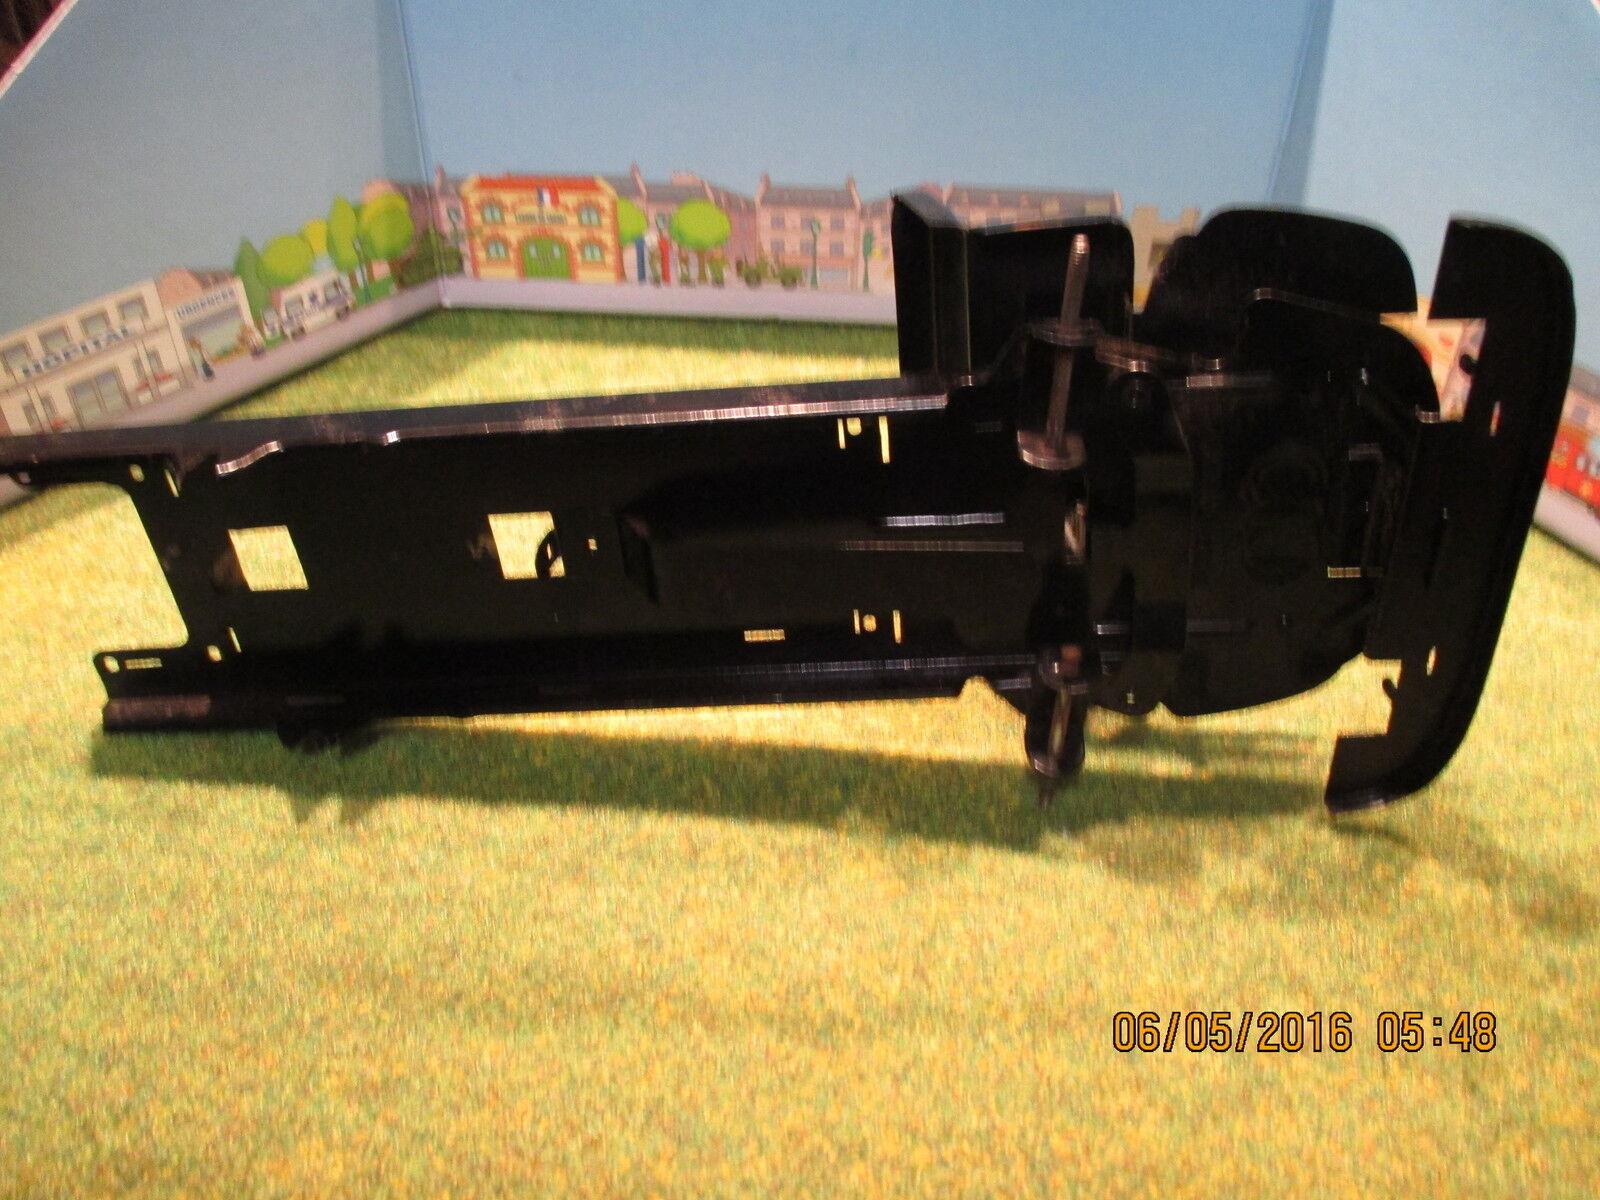 Châssis complet complet complet d'origine pour ancien camion militaire en tôle SAVIEM CIJ 6bb317